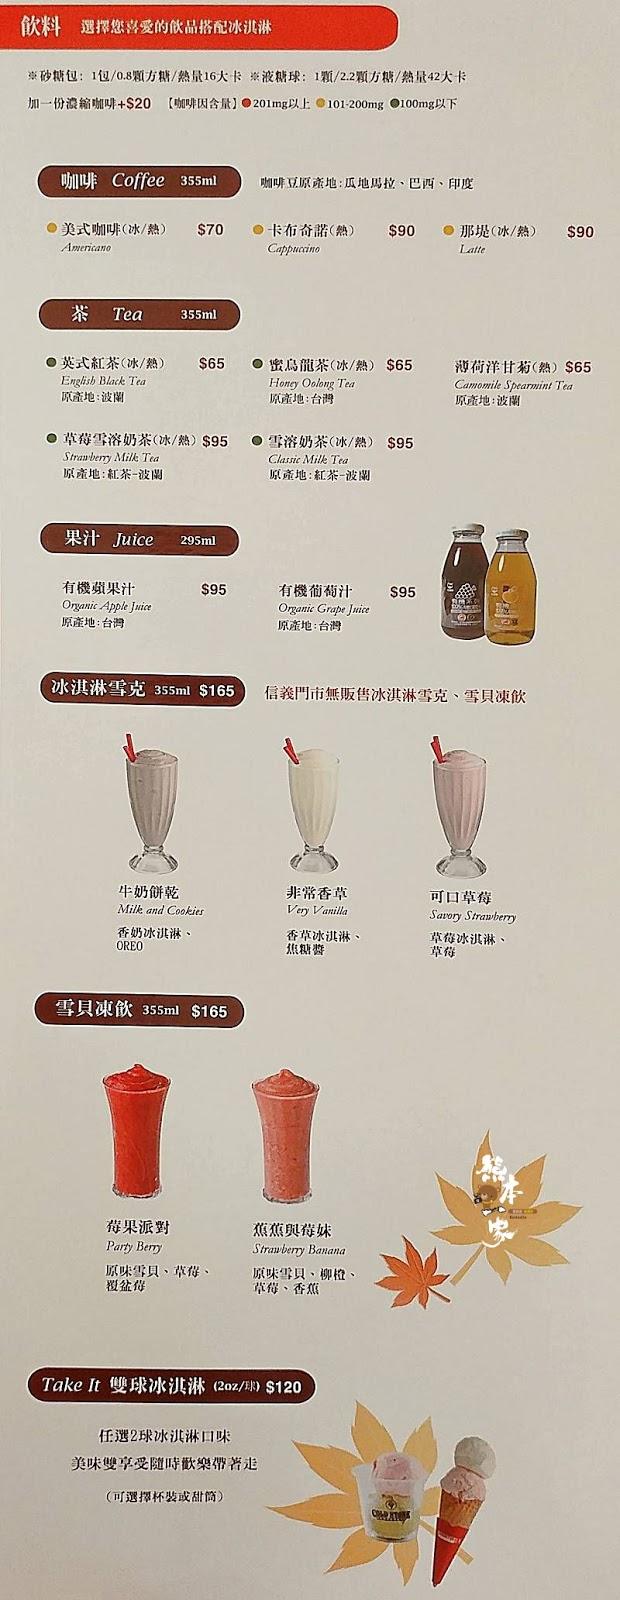 台南新光三越美食街|cold stone酷聖石冰淇淋